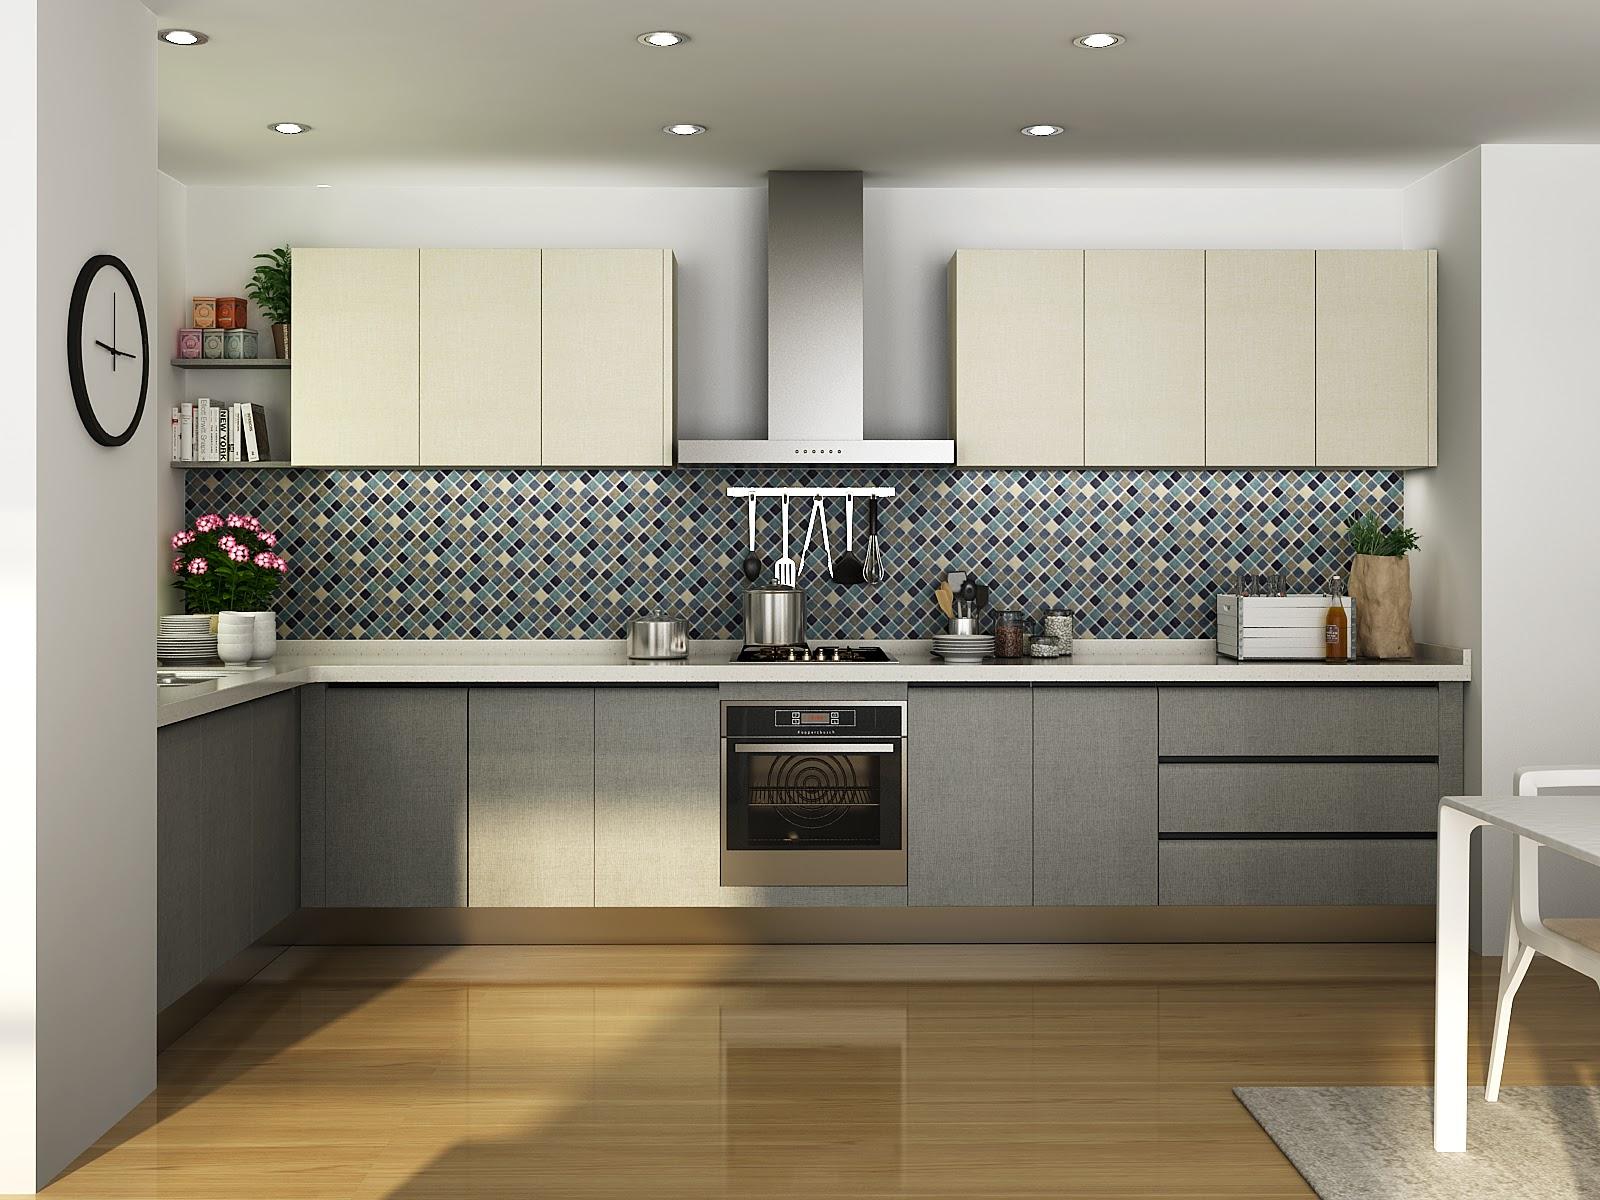 Melamine Kitchen Cabinets Popular Kitchen Cabinets In Africa